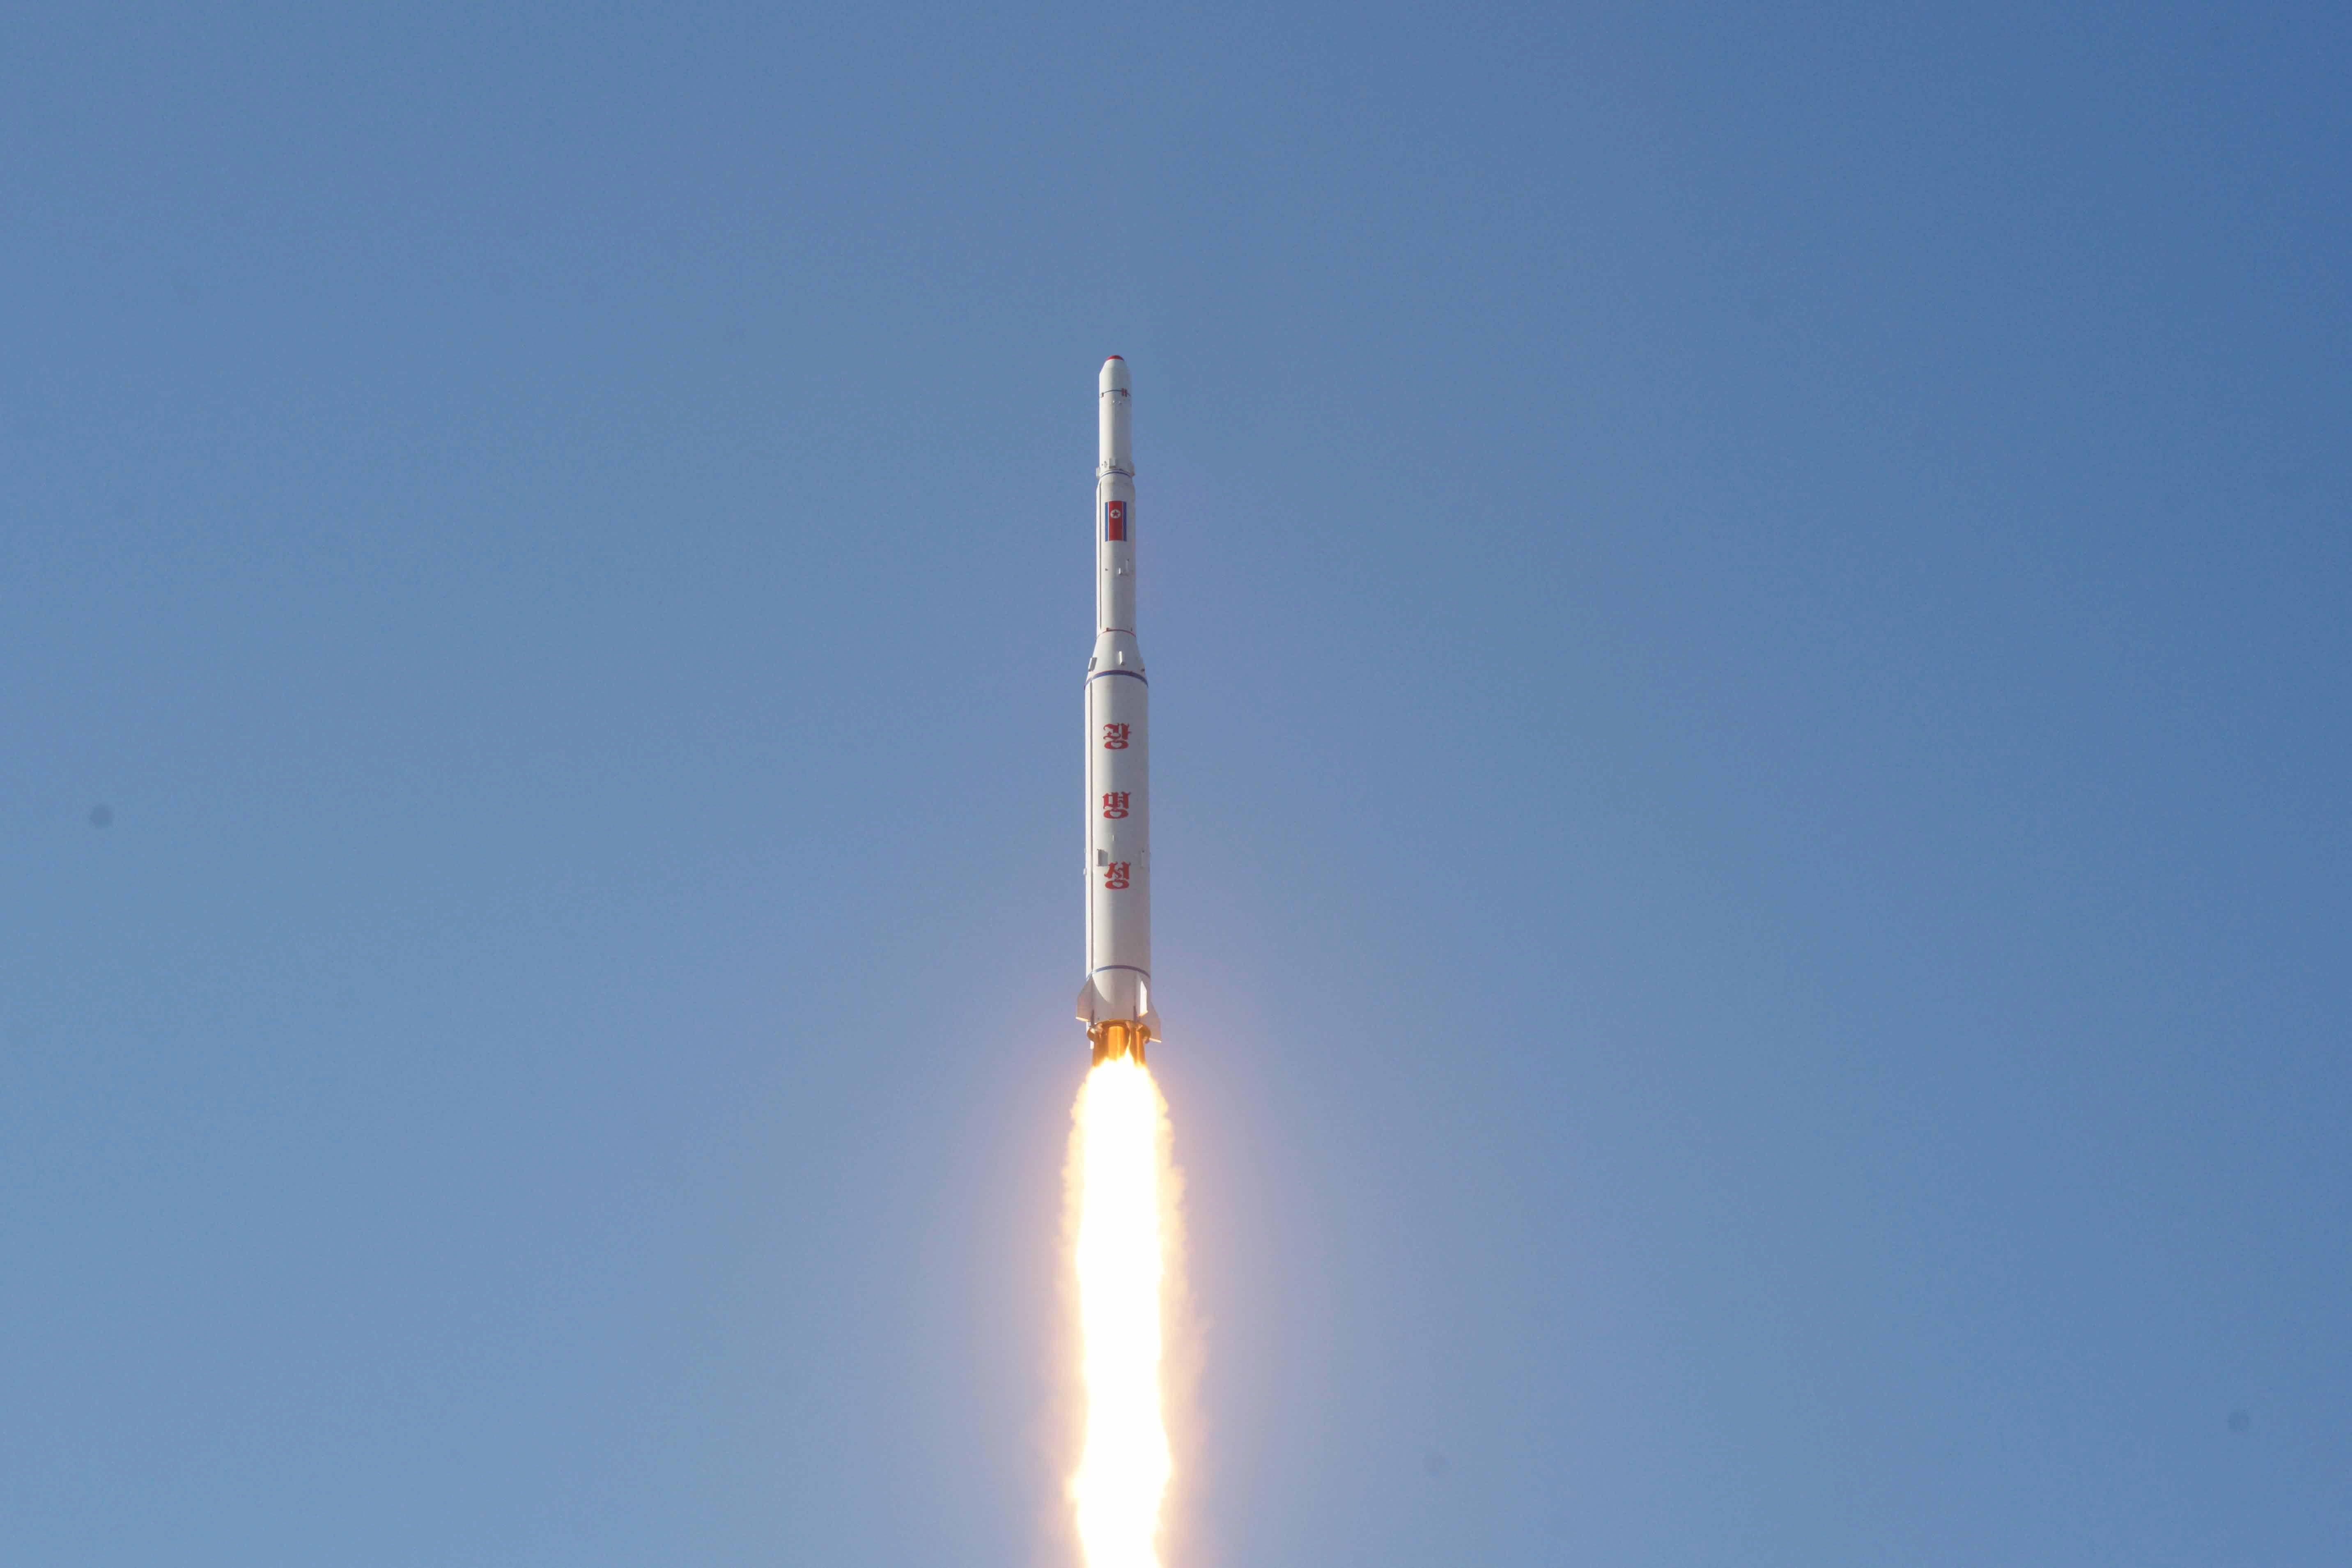 Corée du Nord : Pyongyang lance une fusée, l'ONU se réunit en urgence